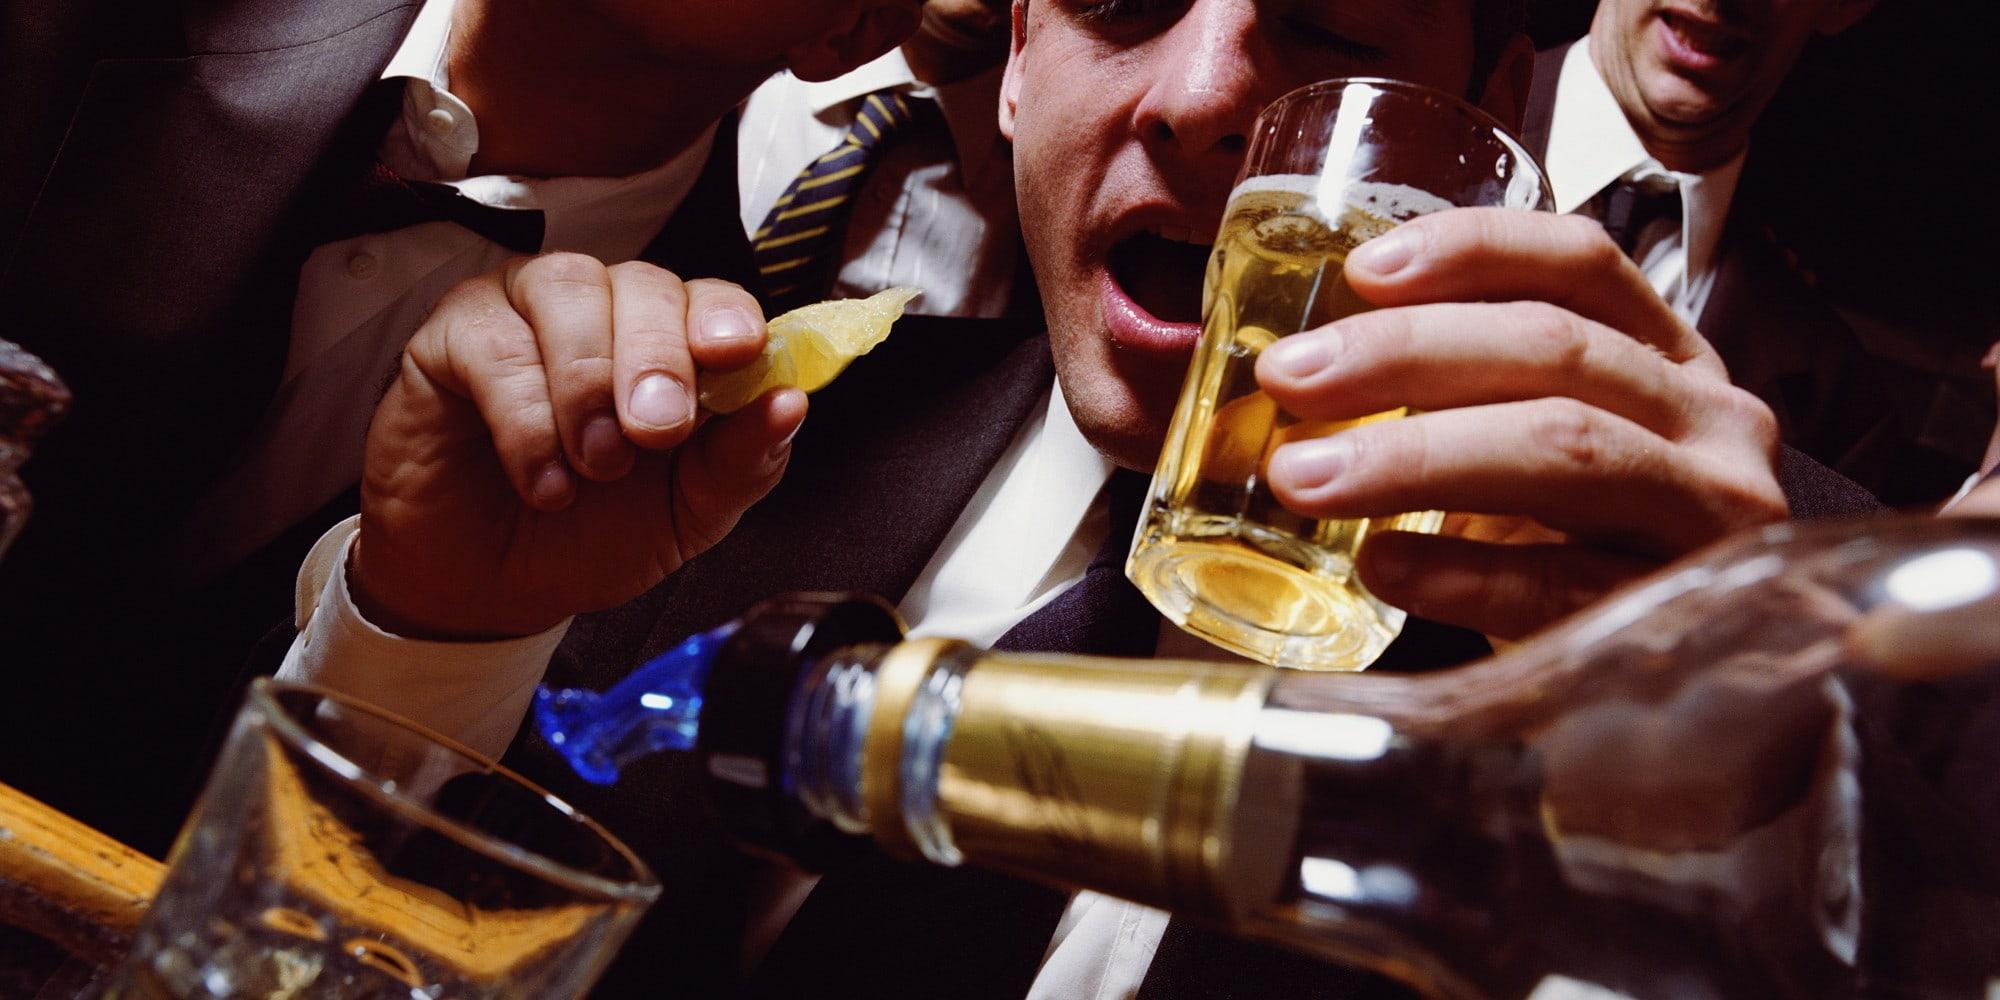 Частые пьянки повысили артериальное давление у мужчин